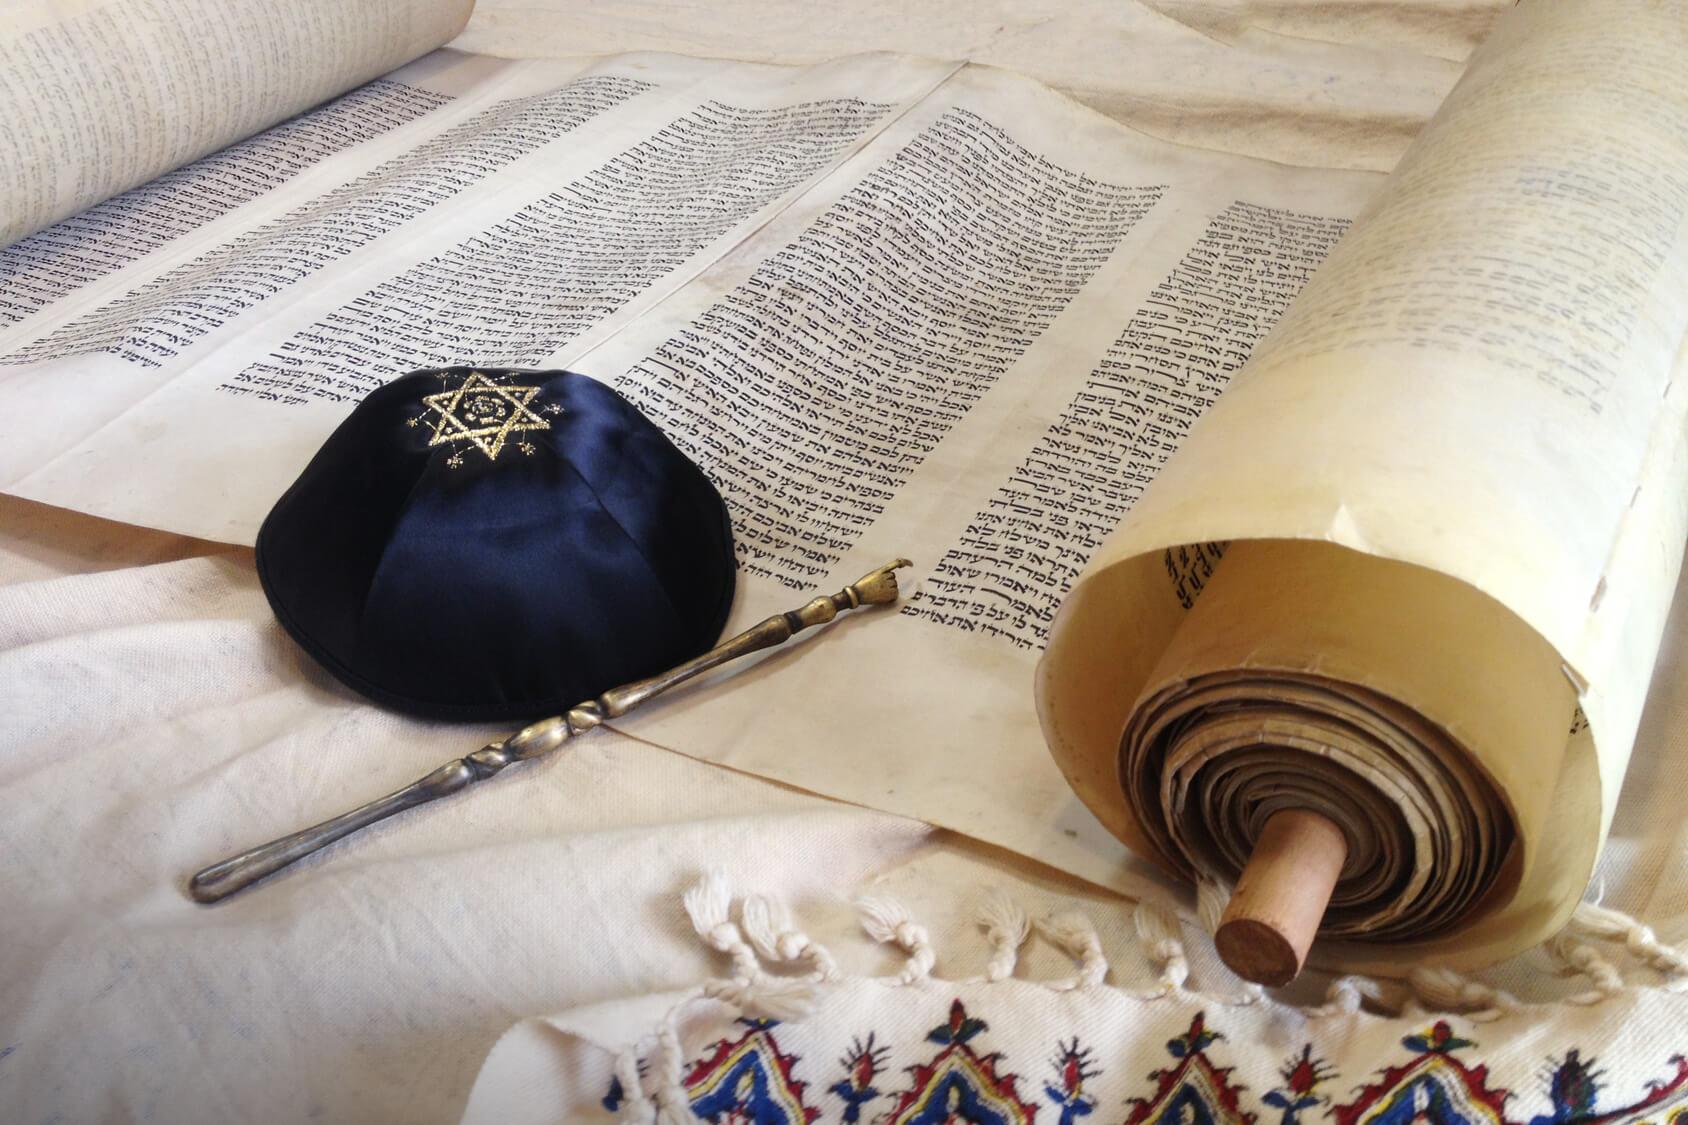 Visitas Guiadas Belmonte e Trancoso : Acessórios Judeus